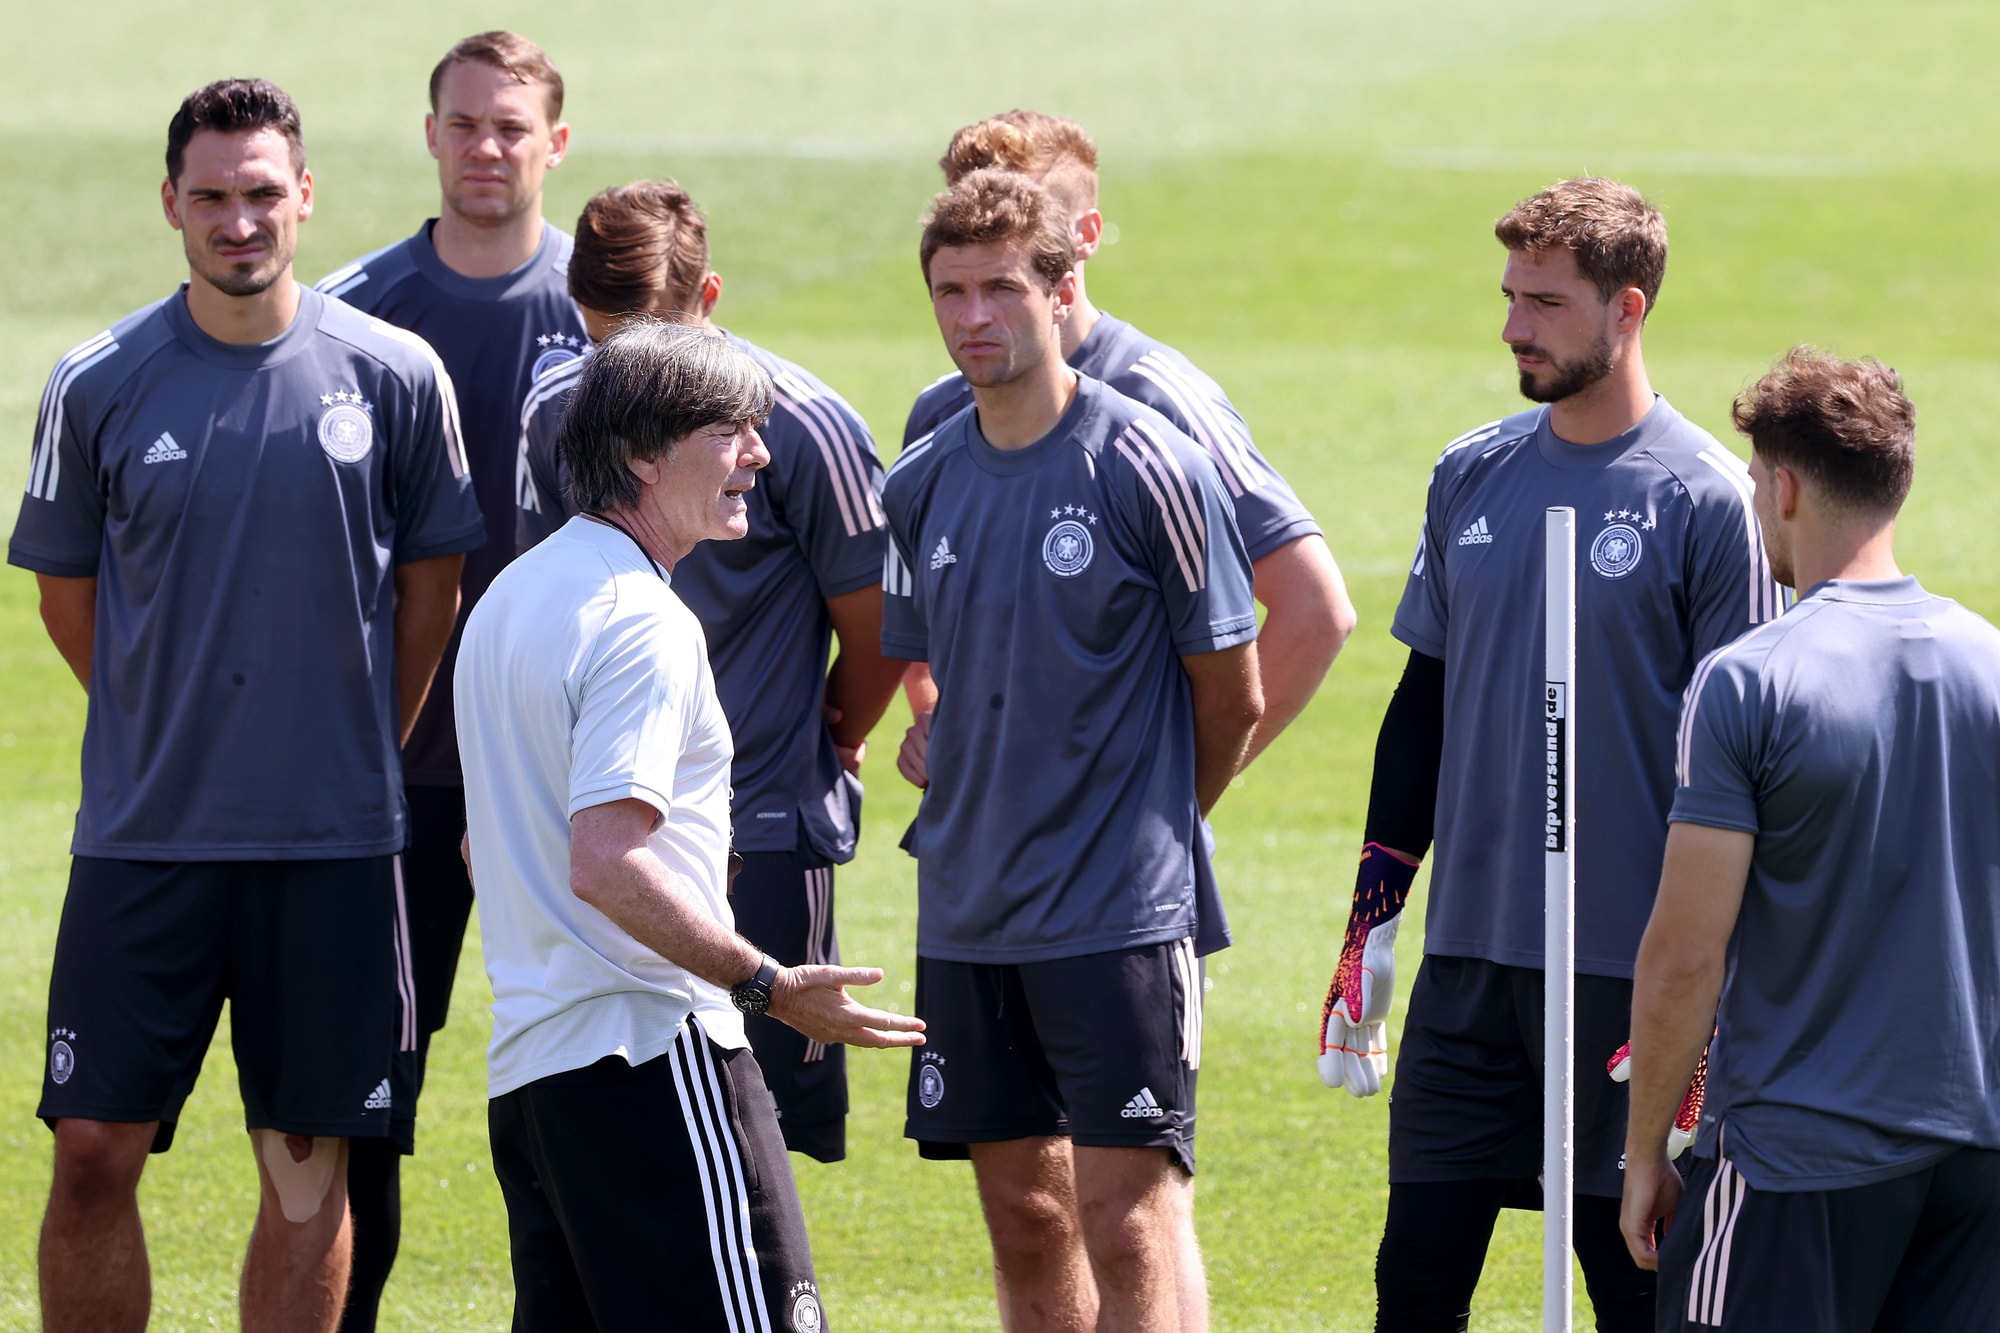 Low tiene a rapporto la Germania: con il Portogallo è già uno spareggio